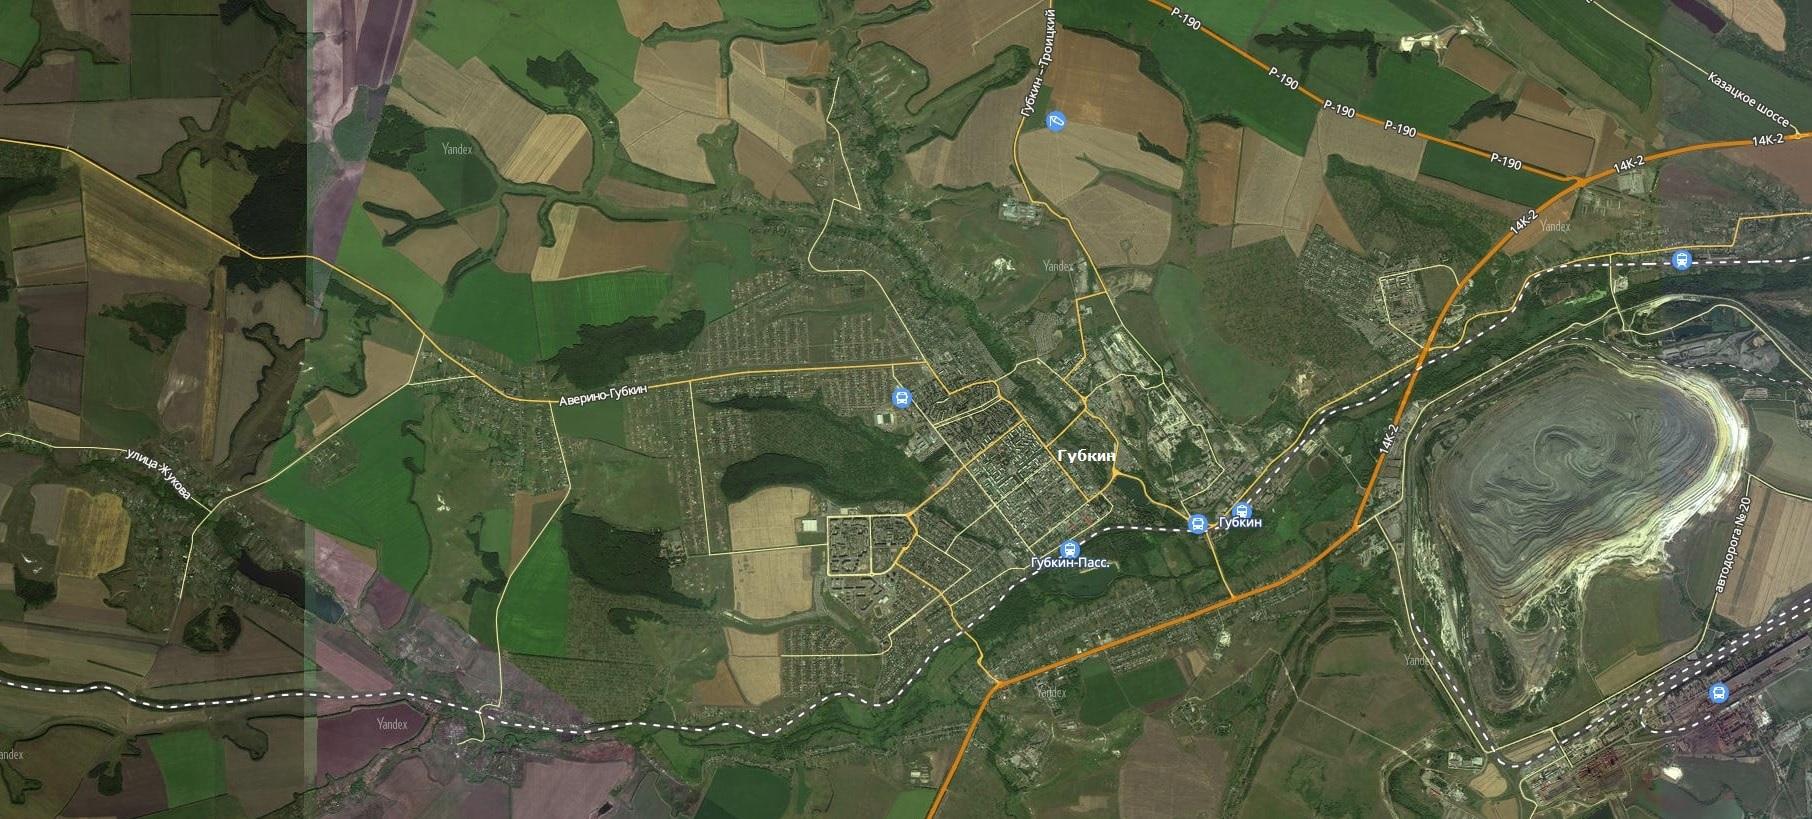 Карта города Губкин с дорогами. Транспортная инфраструктура-min